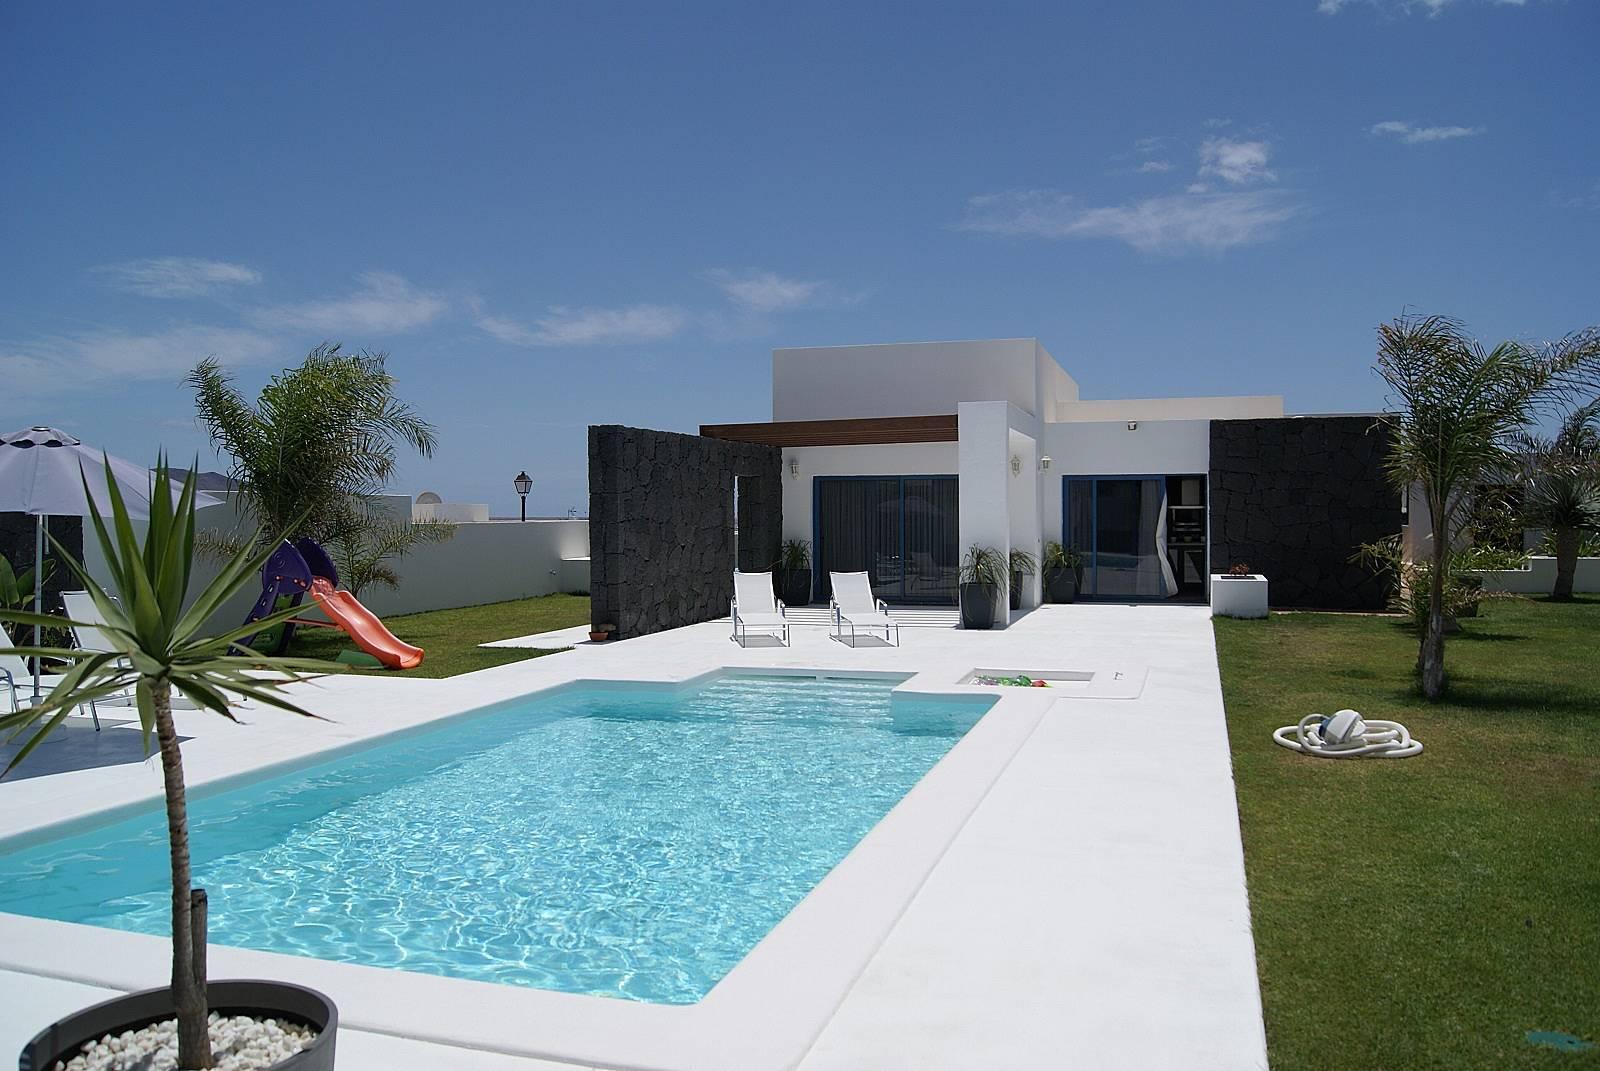 Villa julia con piscina privada climatizada monta a roja for Villas en lanzarote con piscina privada